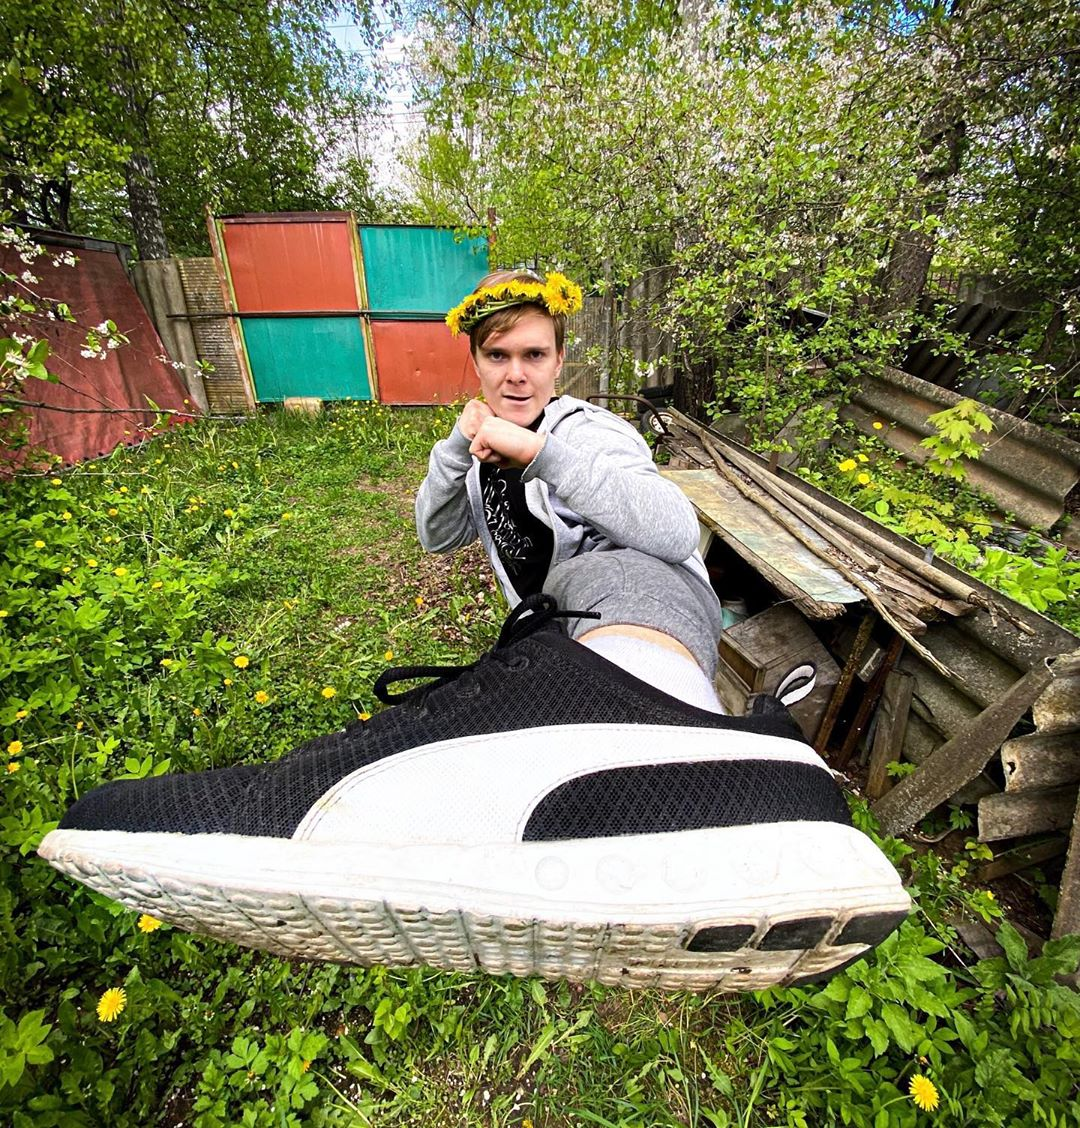 Дмитрий Дрожжин: биография и личная жизнь youtube-блогера